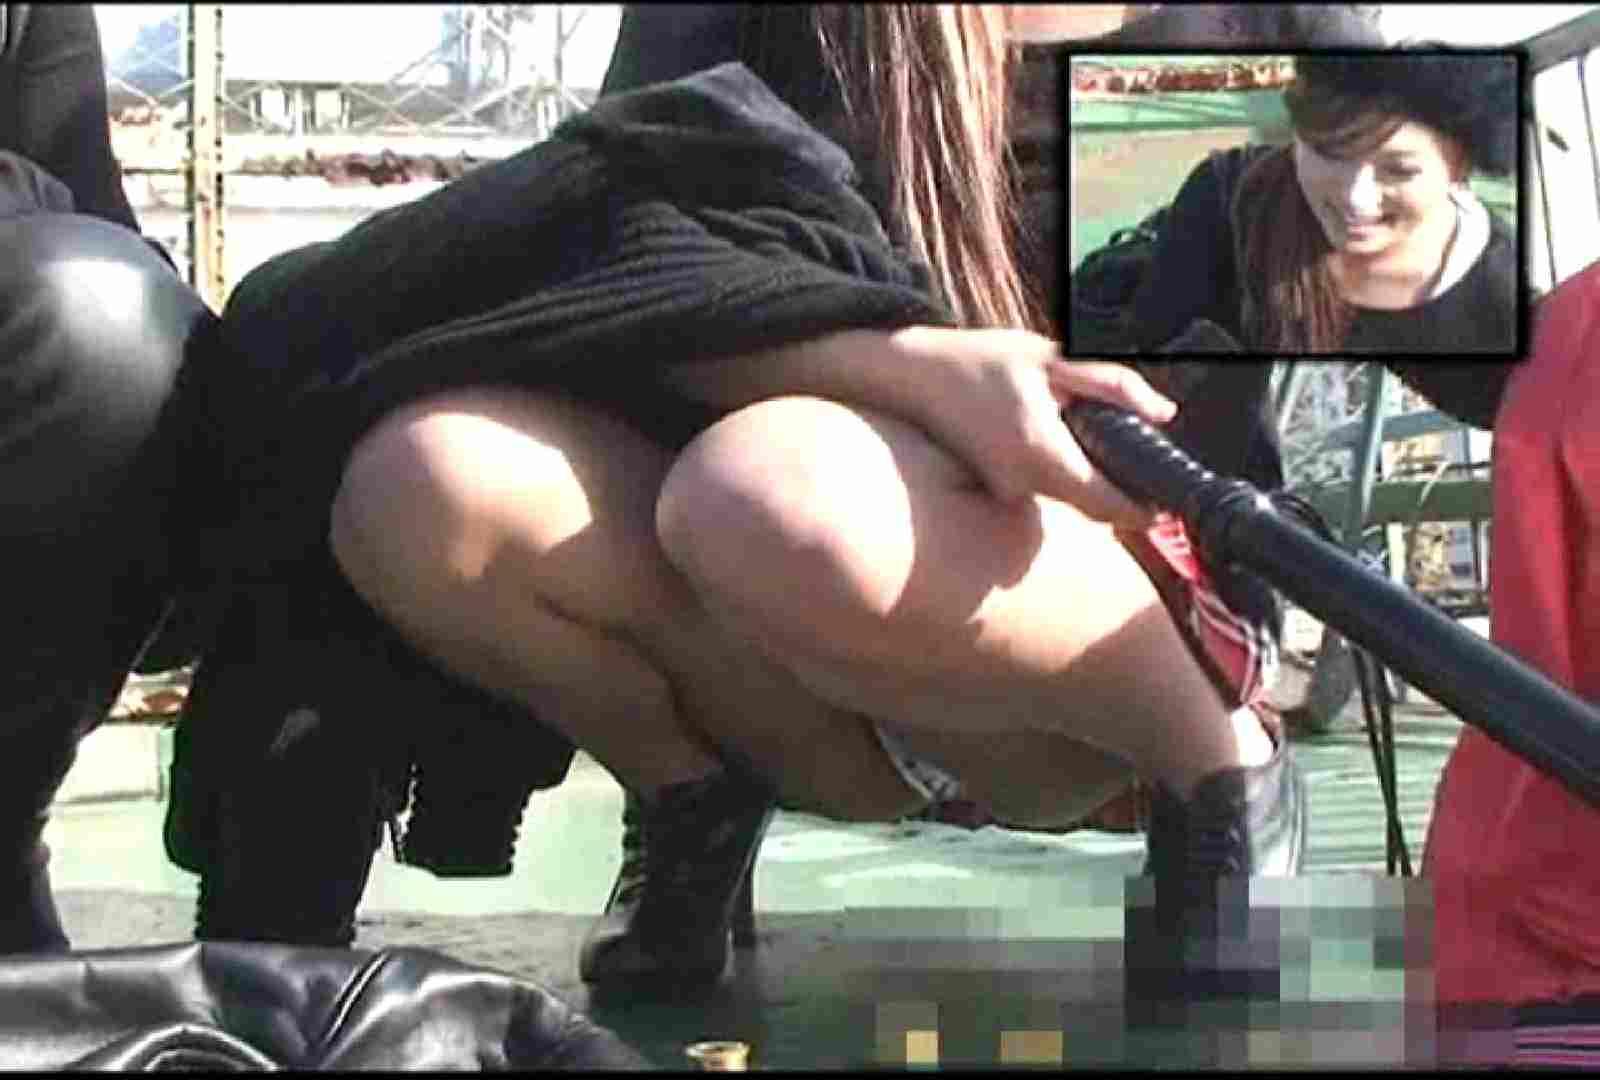 フリマのギャルパンVol.8 エロティックなOL セックス画像 86画像 26